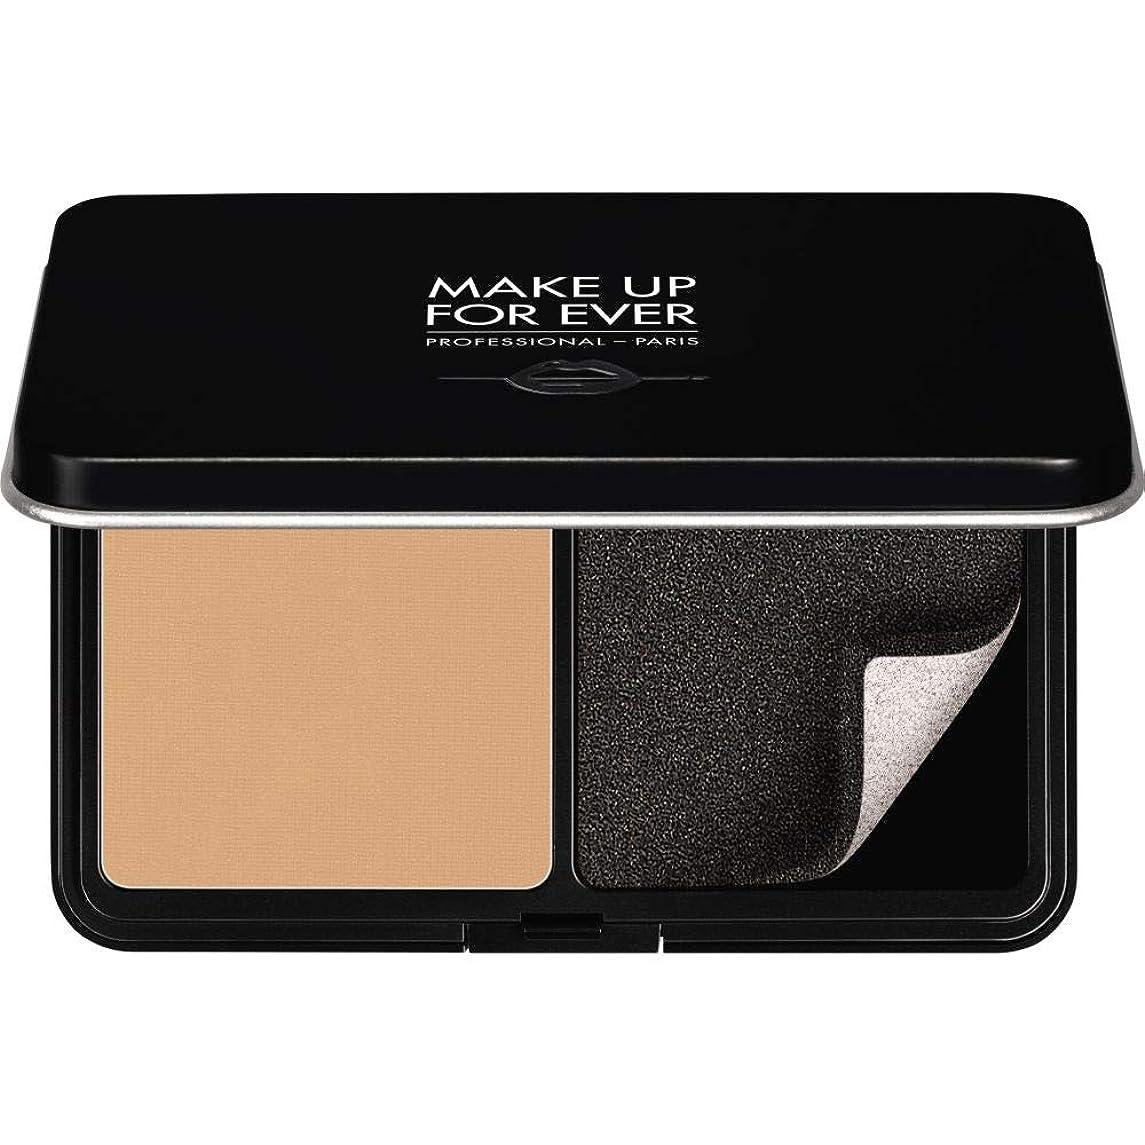 リーチほぼ倫理[MAKE UP FOR EVER ] パウダーファンデーション11GののY305をぼかし、これまでマットベルベットの肌を補う - ソフトベージュ - MAKE UP FOR EVER Matte Velvet Skin Blurring Powder Foundation 11g Y305 - Soft Beige [並行輸入品]